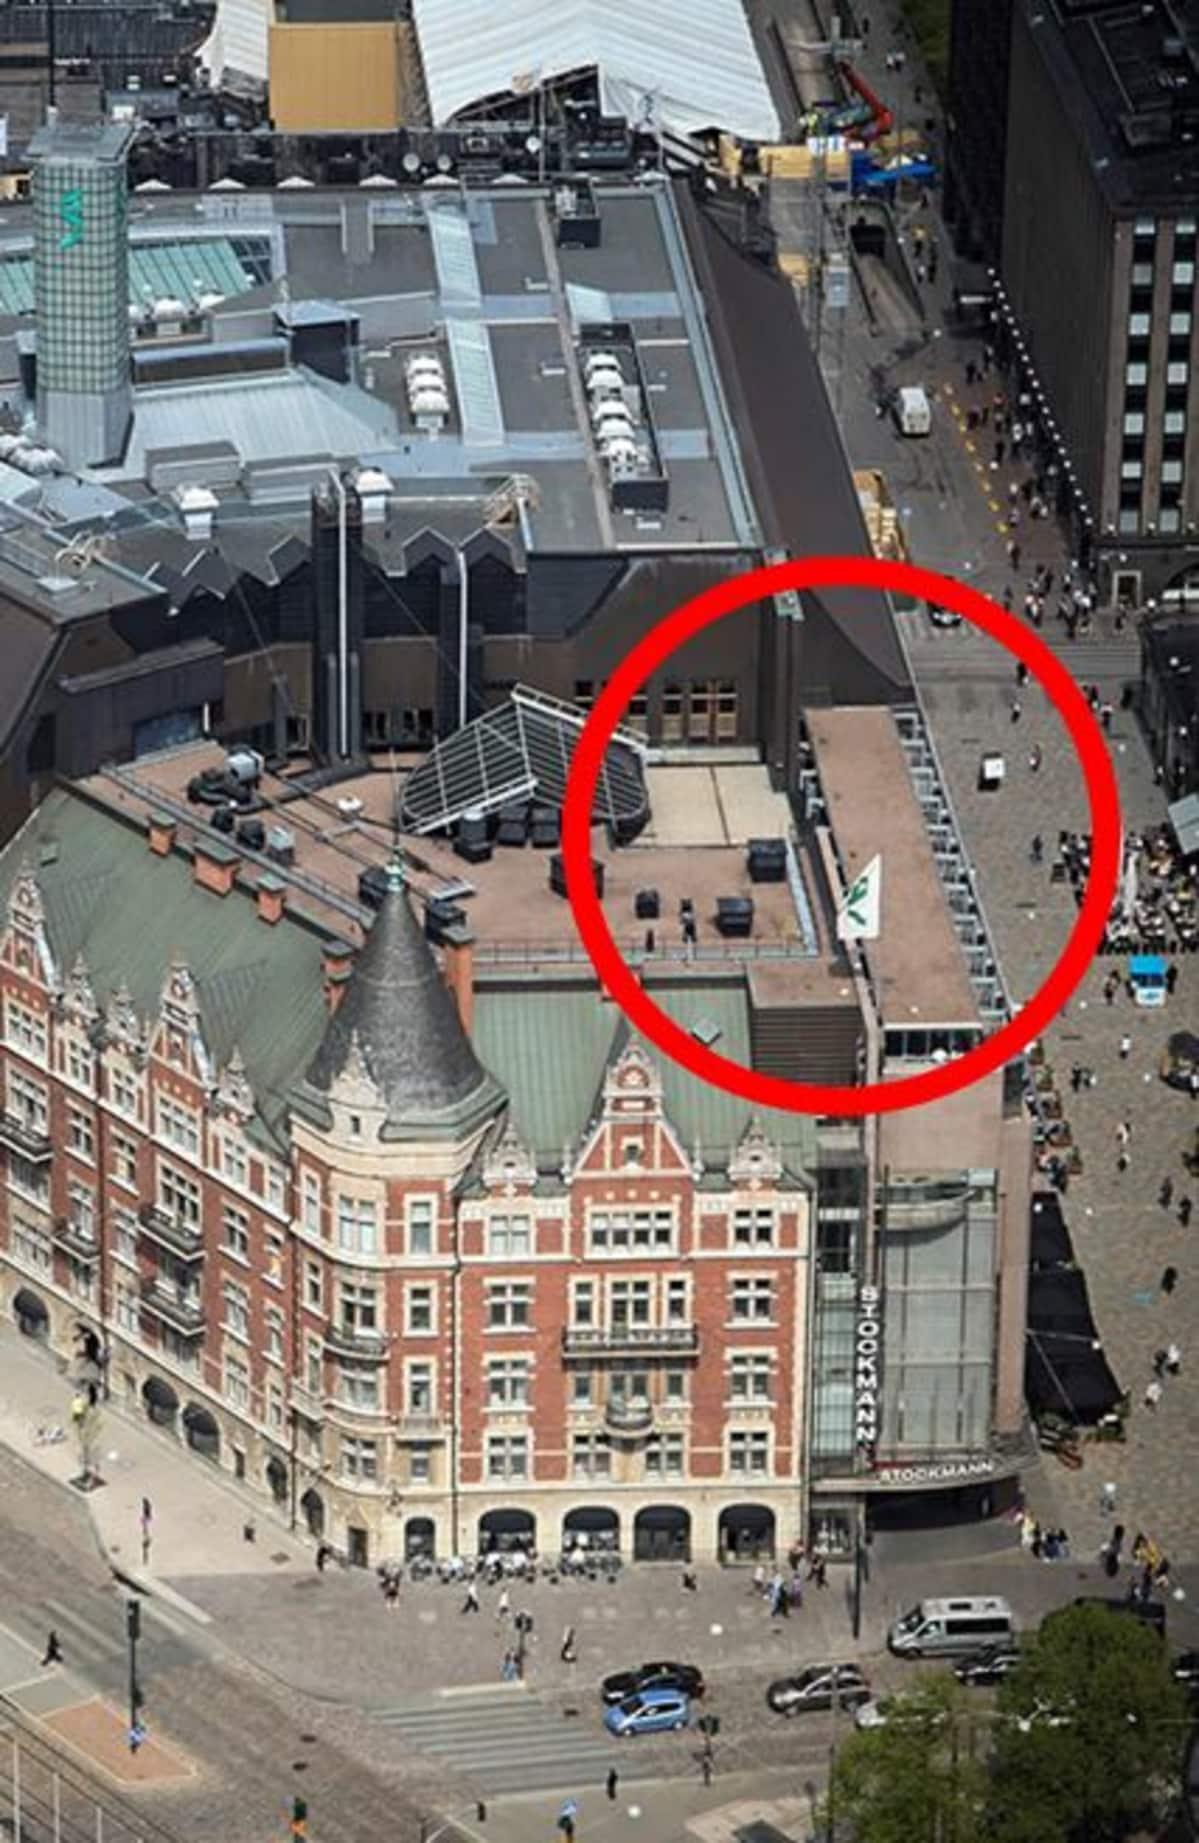 Stockmannin kattoterassi avautuu ensi kuussa punaisella ympyröidyllä alueella.